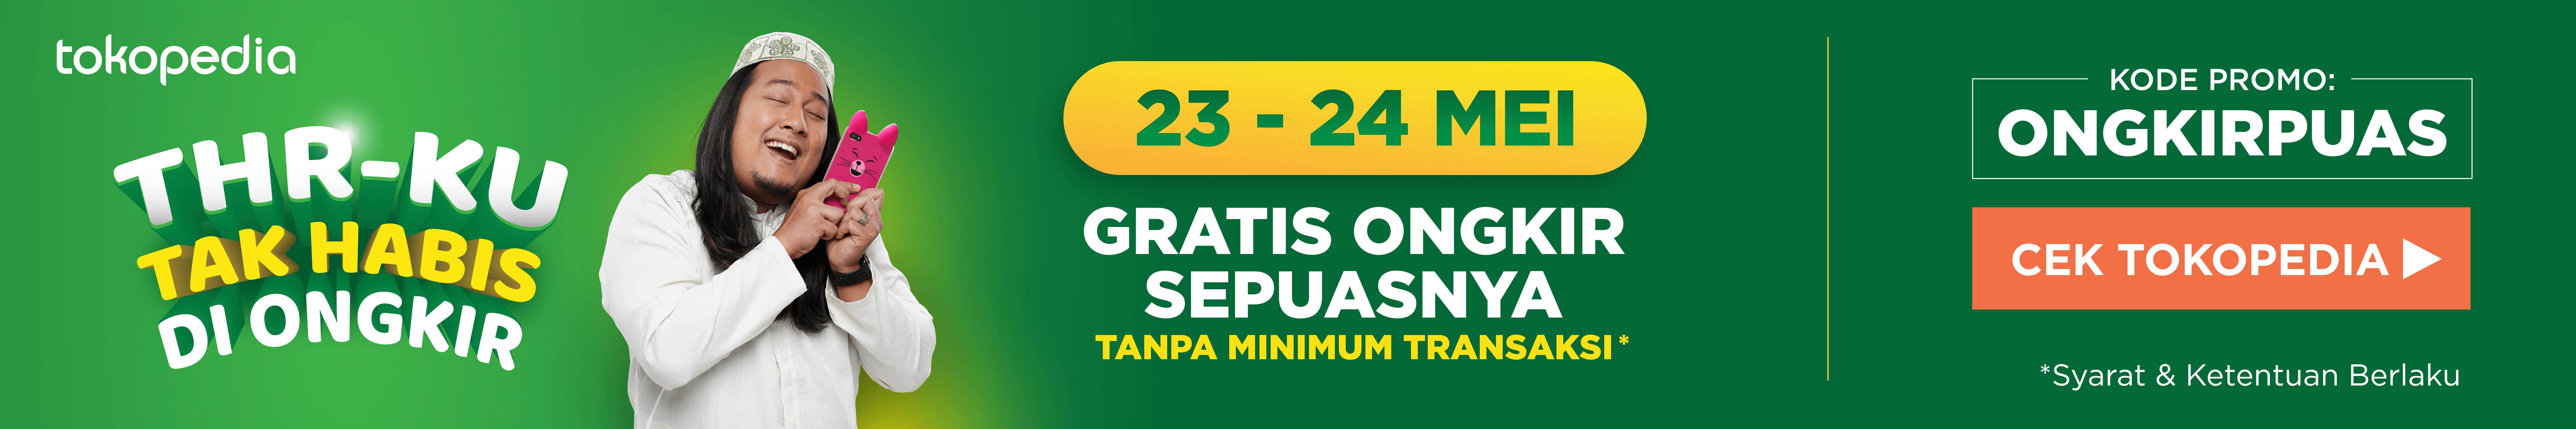 Tokopedia Extra 24 May